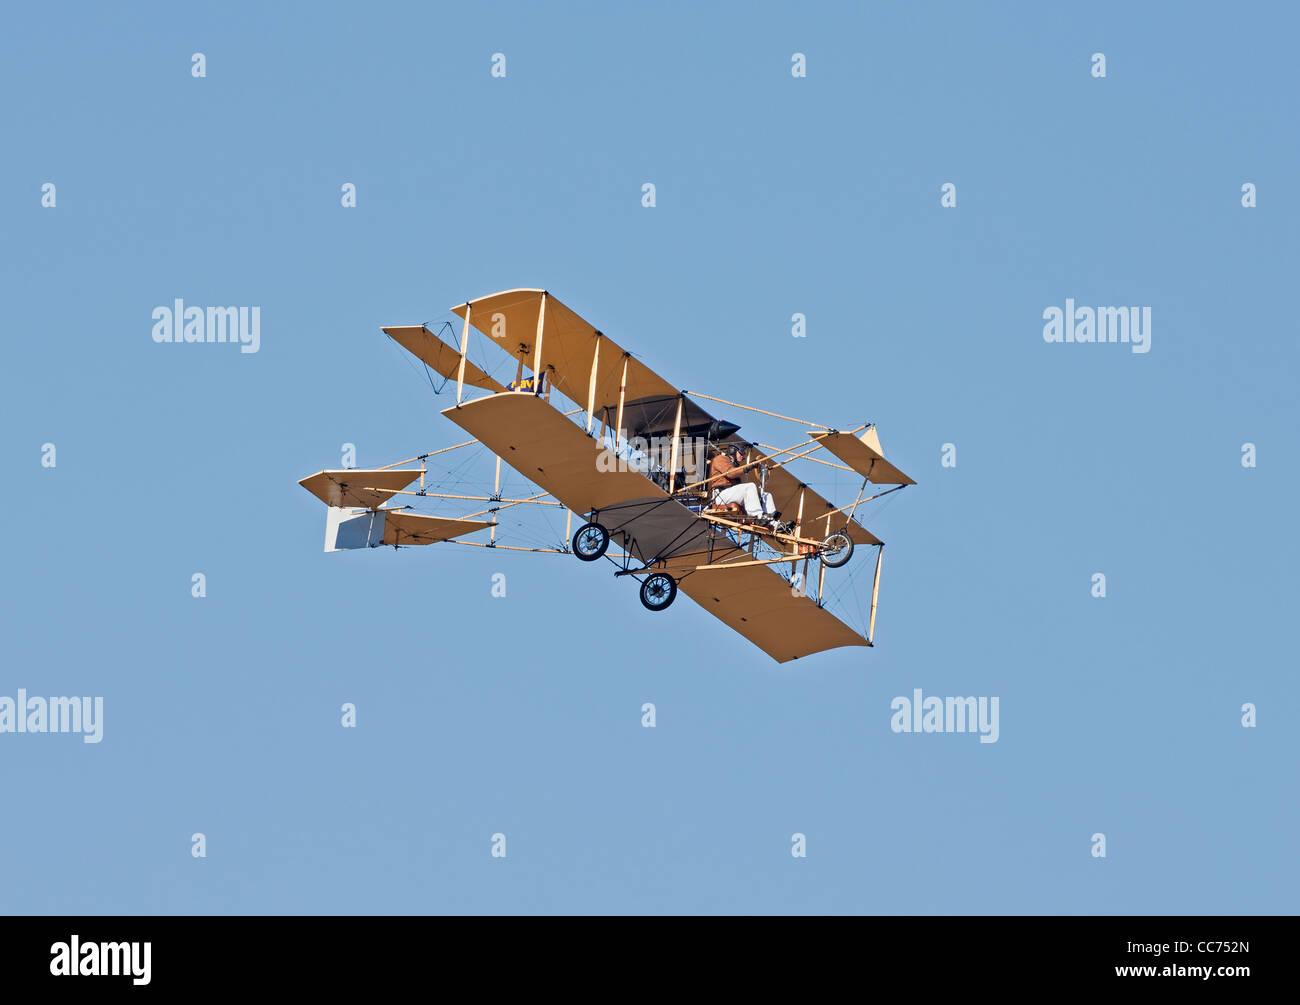 Replica di un 1911 Ely-Curtiss spintore Modello D biplano Immagini Stock